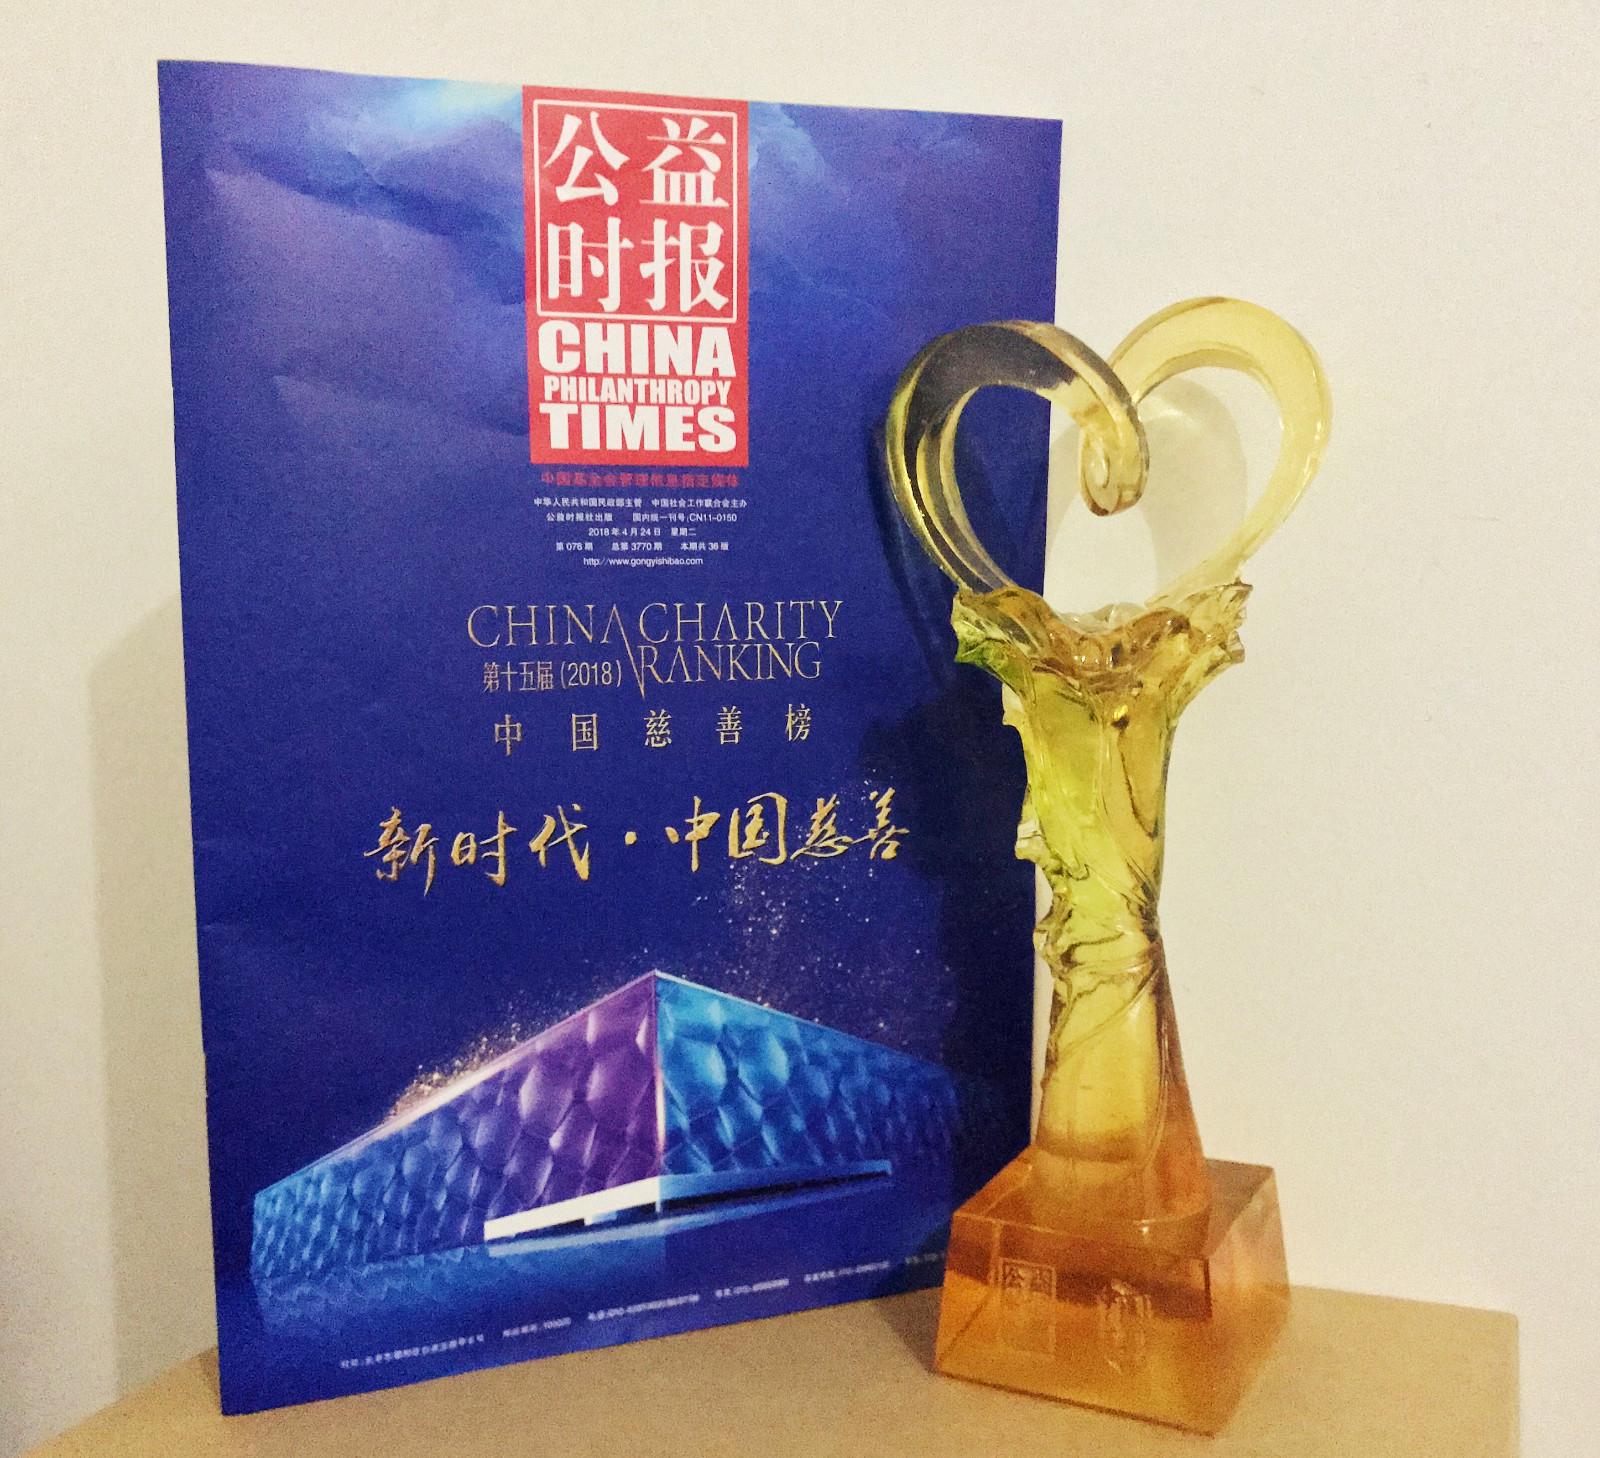 大陆三级片先锋影�_2018中国慈善榜揭晓,nu skin成唯一连续九年获奖企业